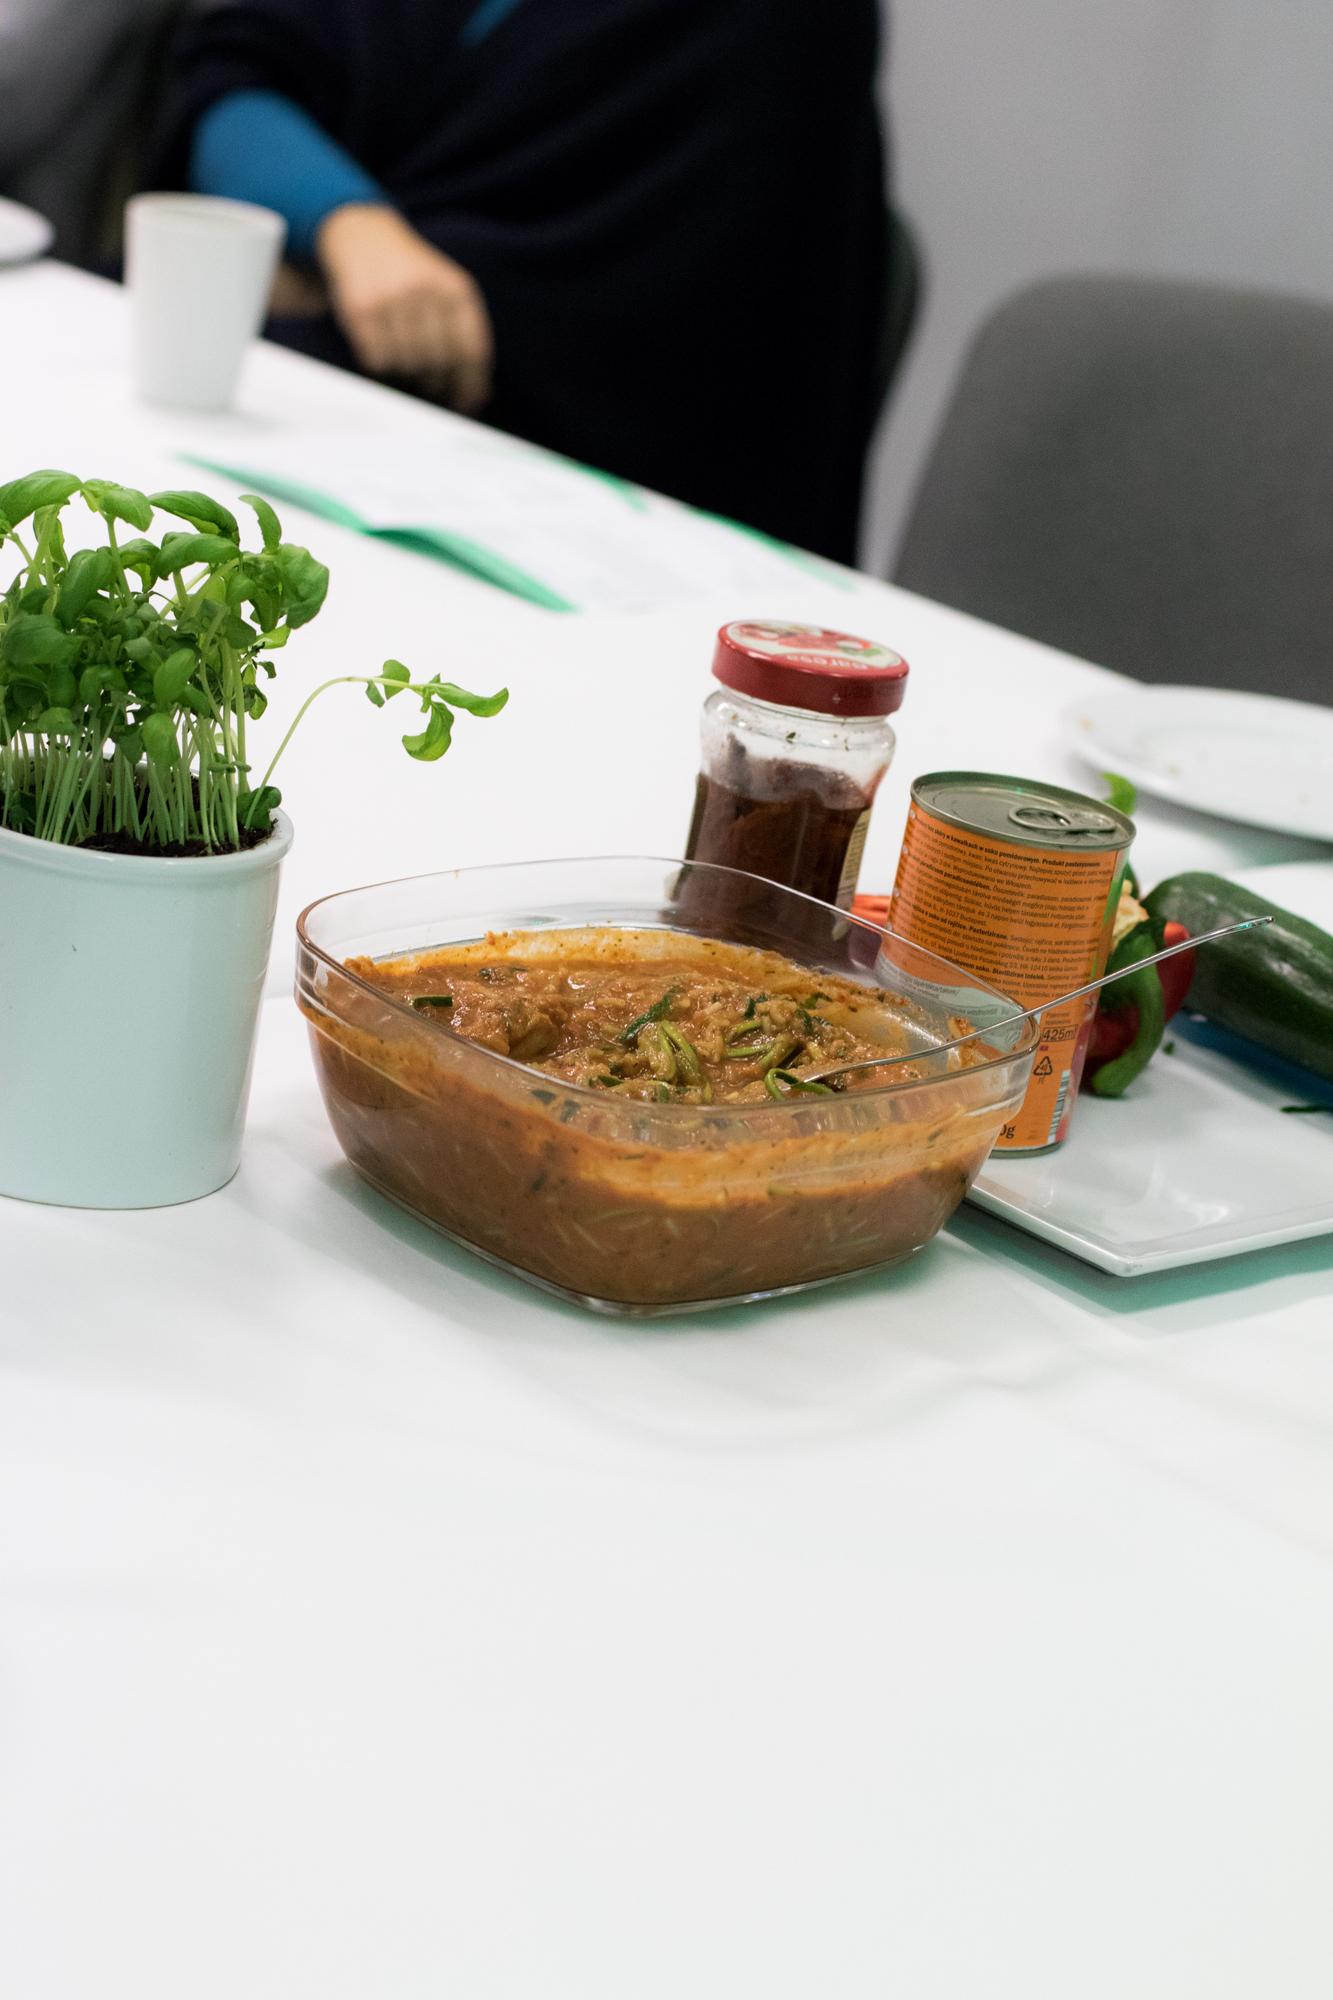 kolejna potrawa spaghetti z surowej cukinii z sosem pomidorowo-paprykowym.